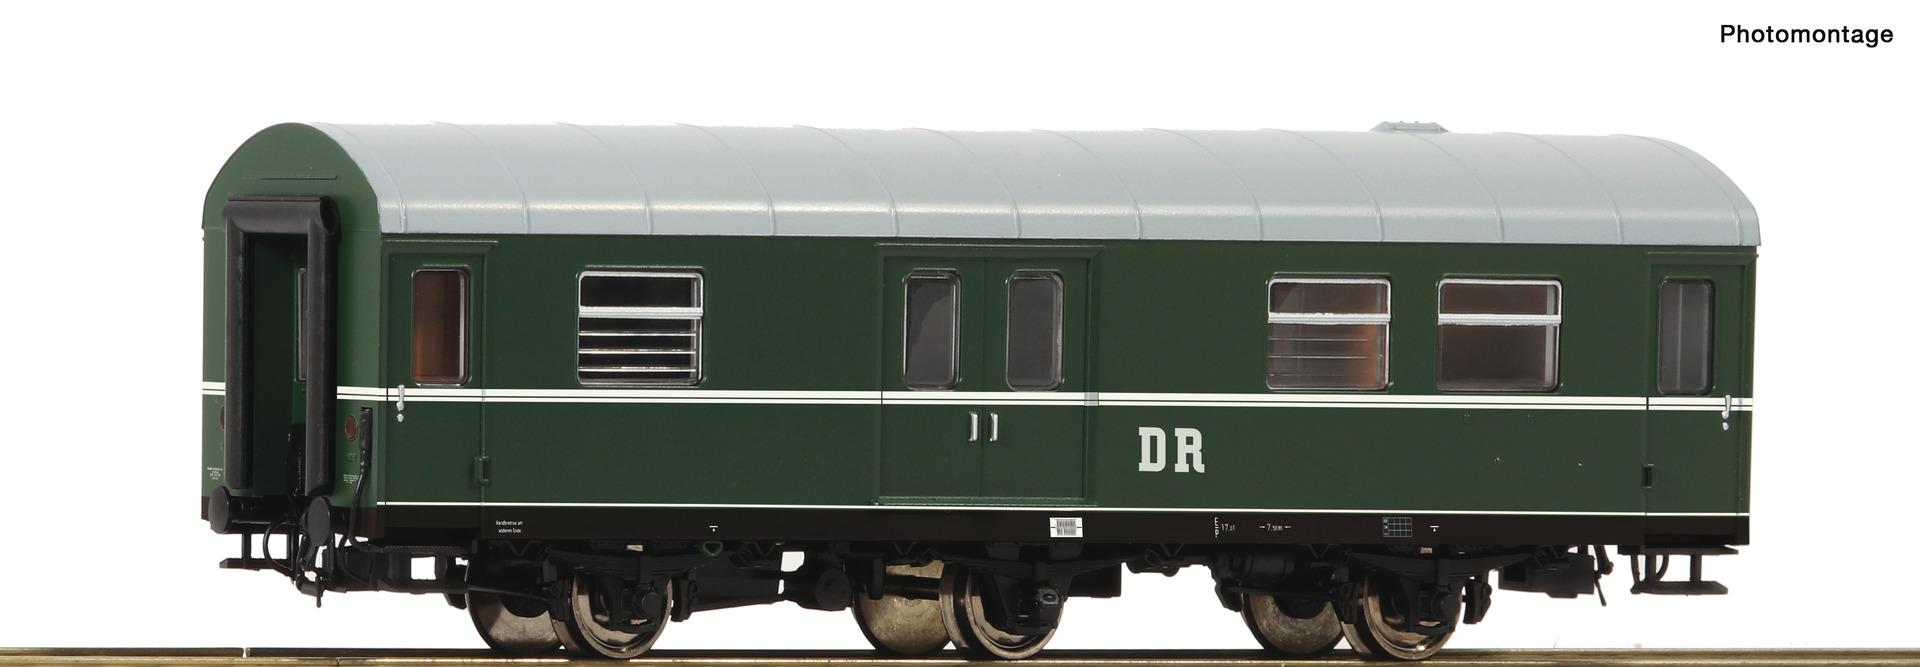 VO Roco 74462  Rekowagen 3a. Gepäckwagen DR